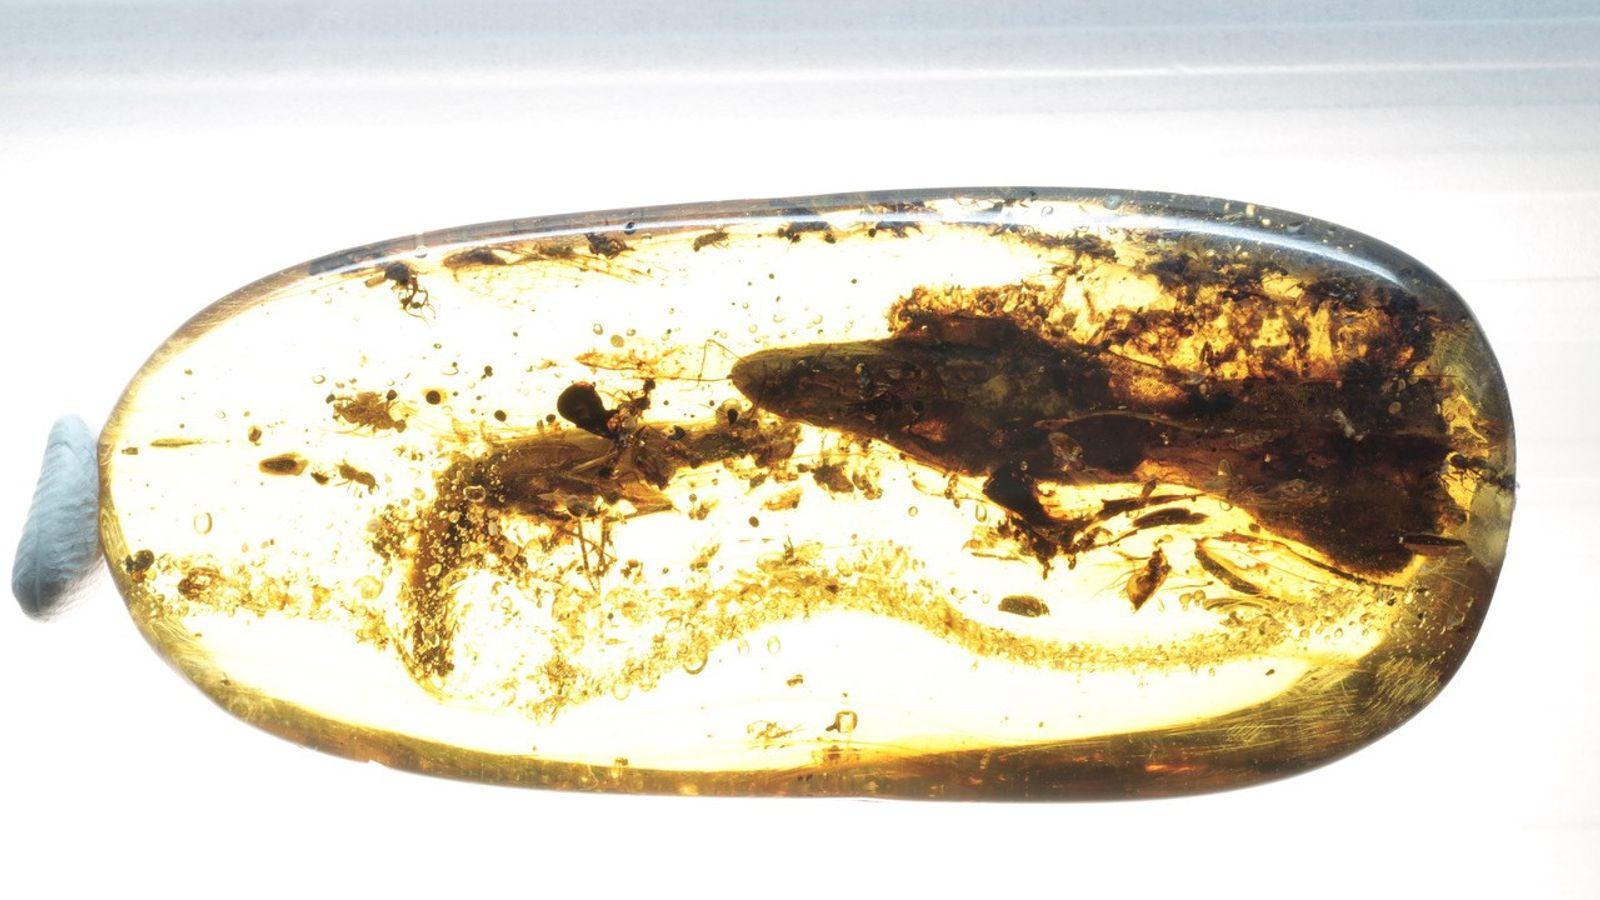 Este fragmento de ámbar cortado y pulido alberga el segundo espécimen conocido de Oculudentavis. El fósil ...